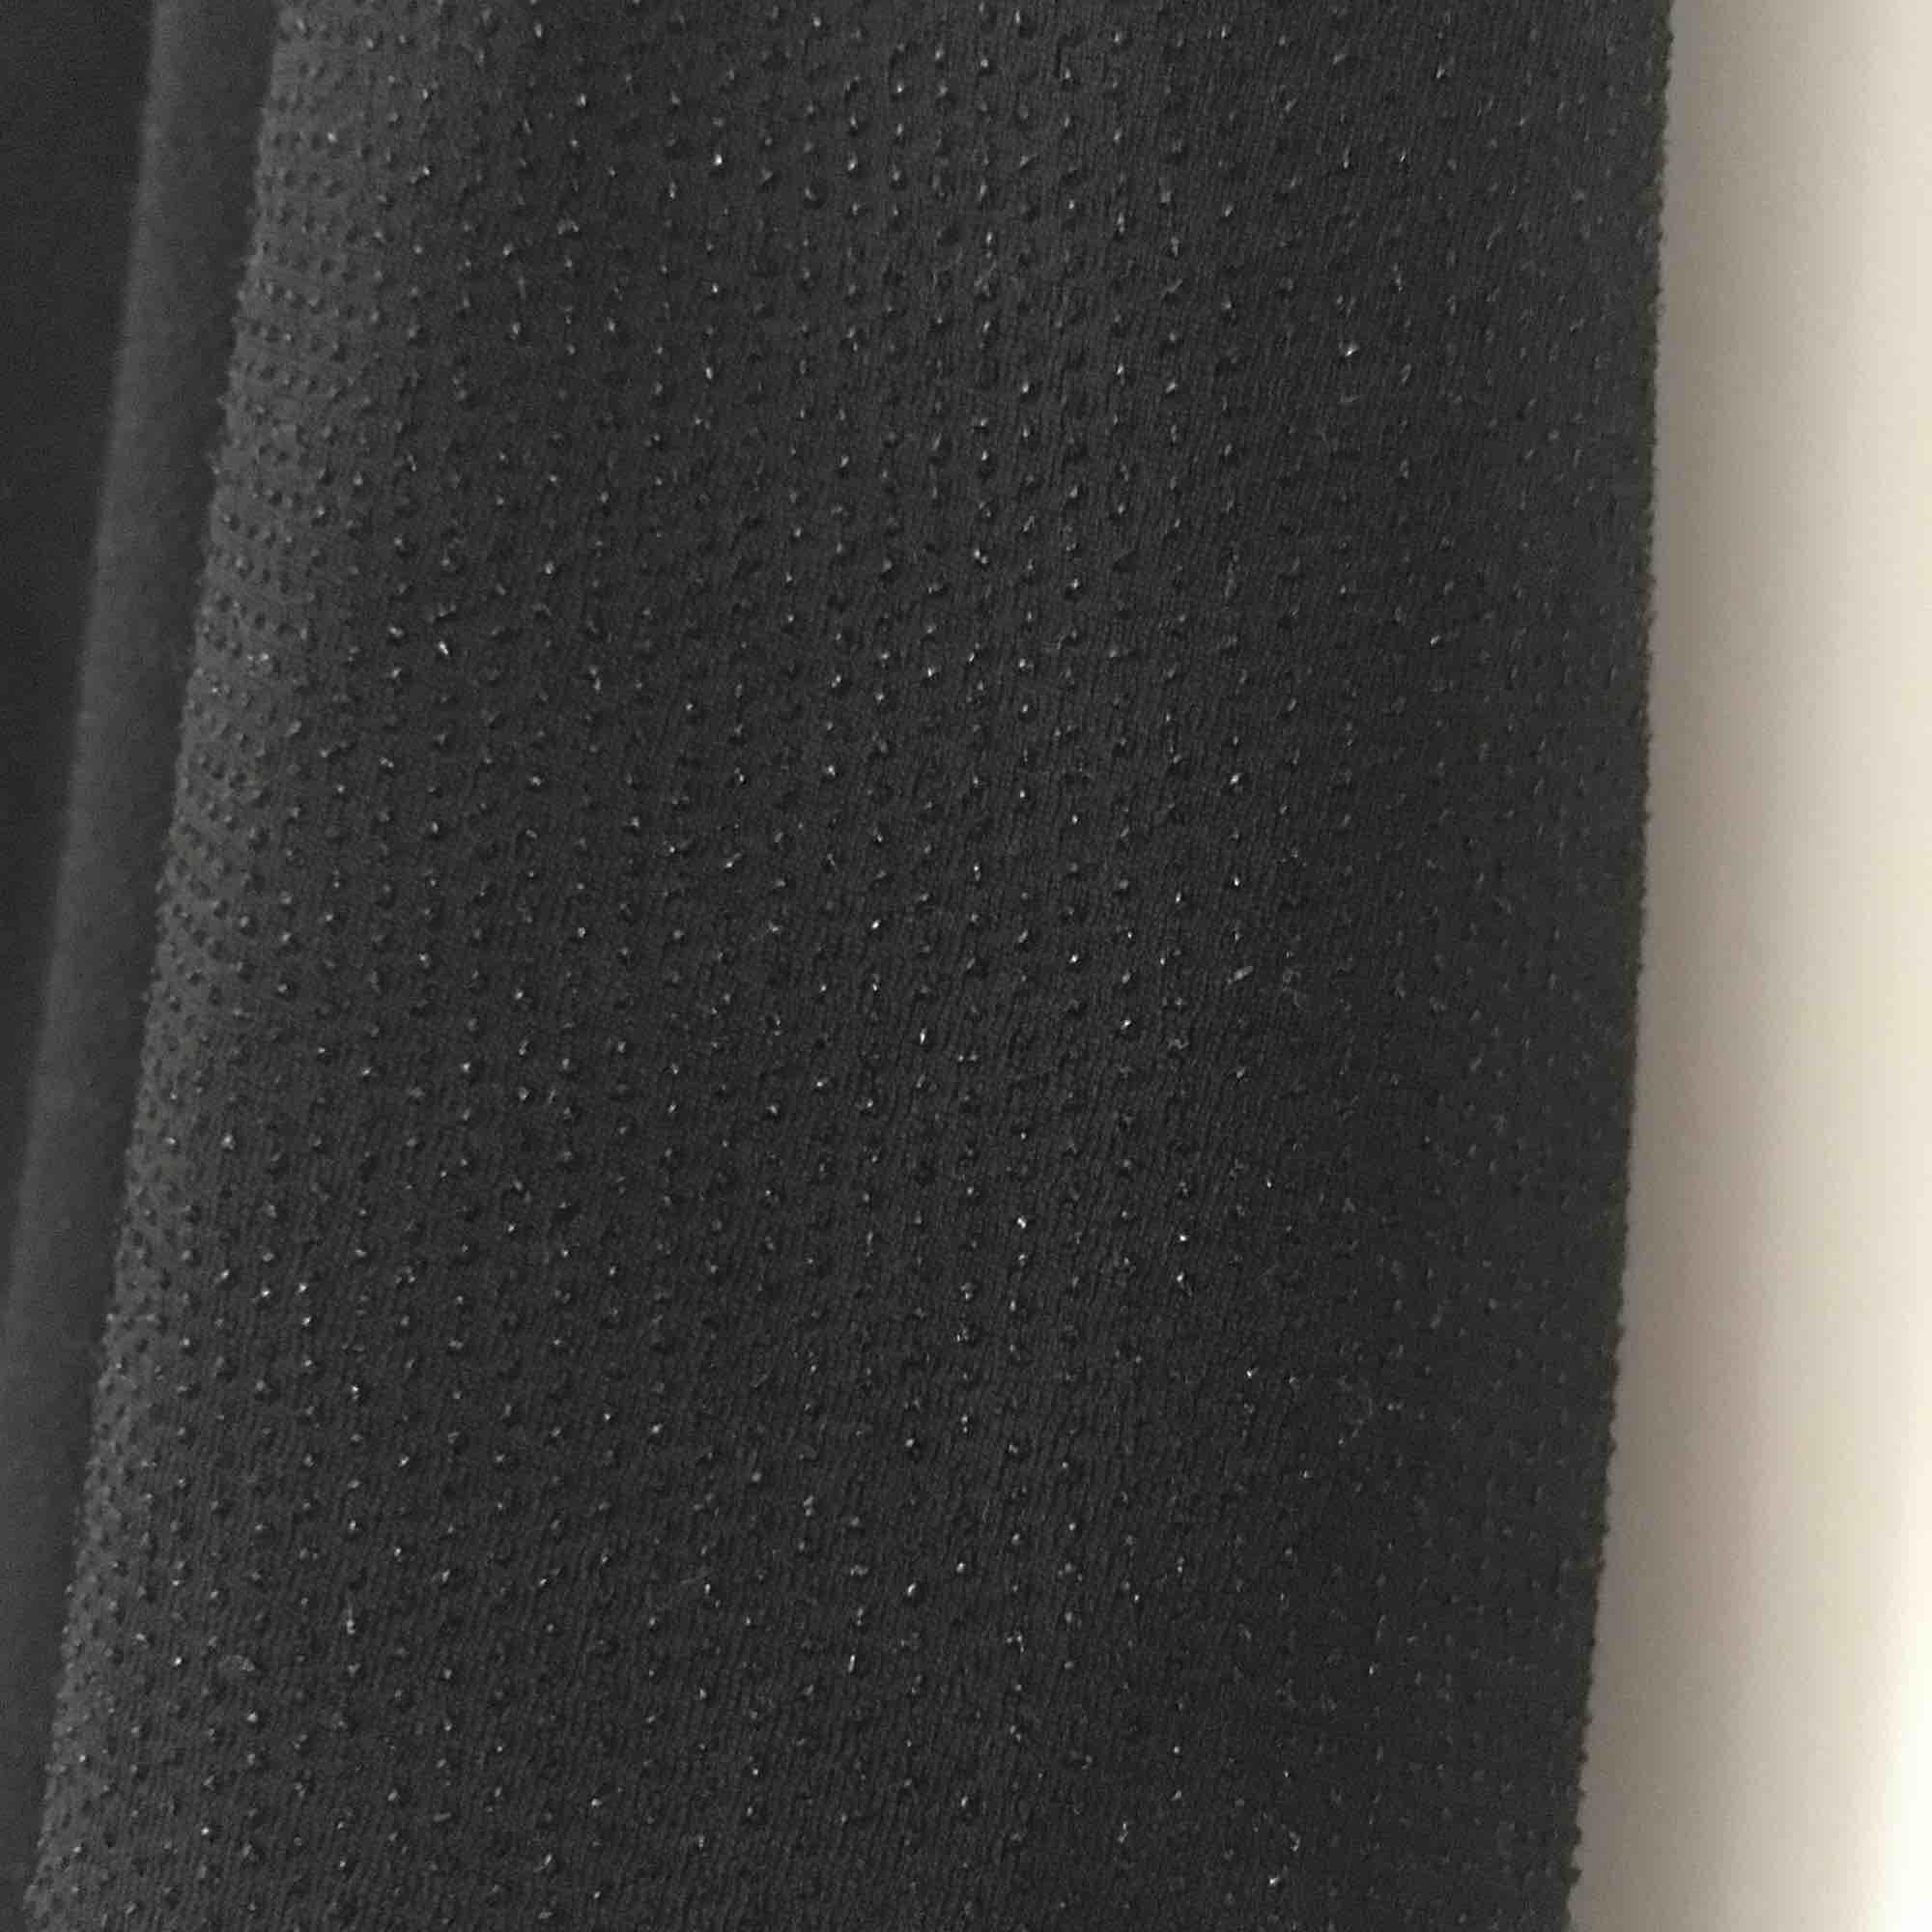 """Inköpt på Gina Tricot 2014. Storlek M. Lite """"glittrig"""", se bild 2. Lösare passform upptill och tight kjol. Öppen rygg. Gott skick, använd ett par gånger. Köpare står för frakt. Kan även mötas upp i Malmö.. Klänningar."""